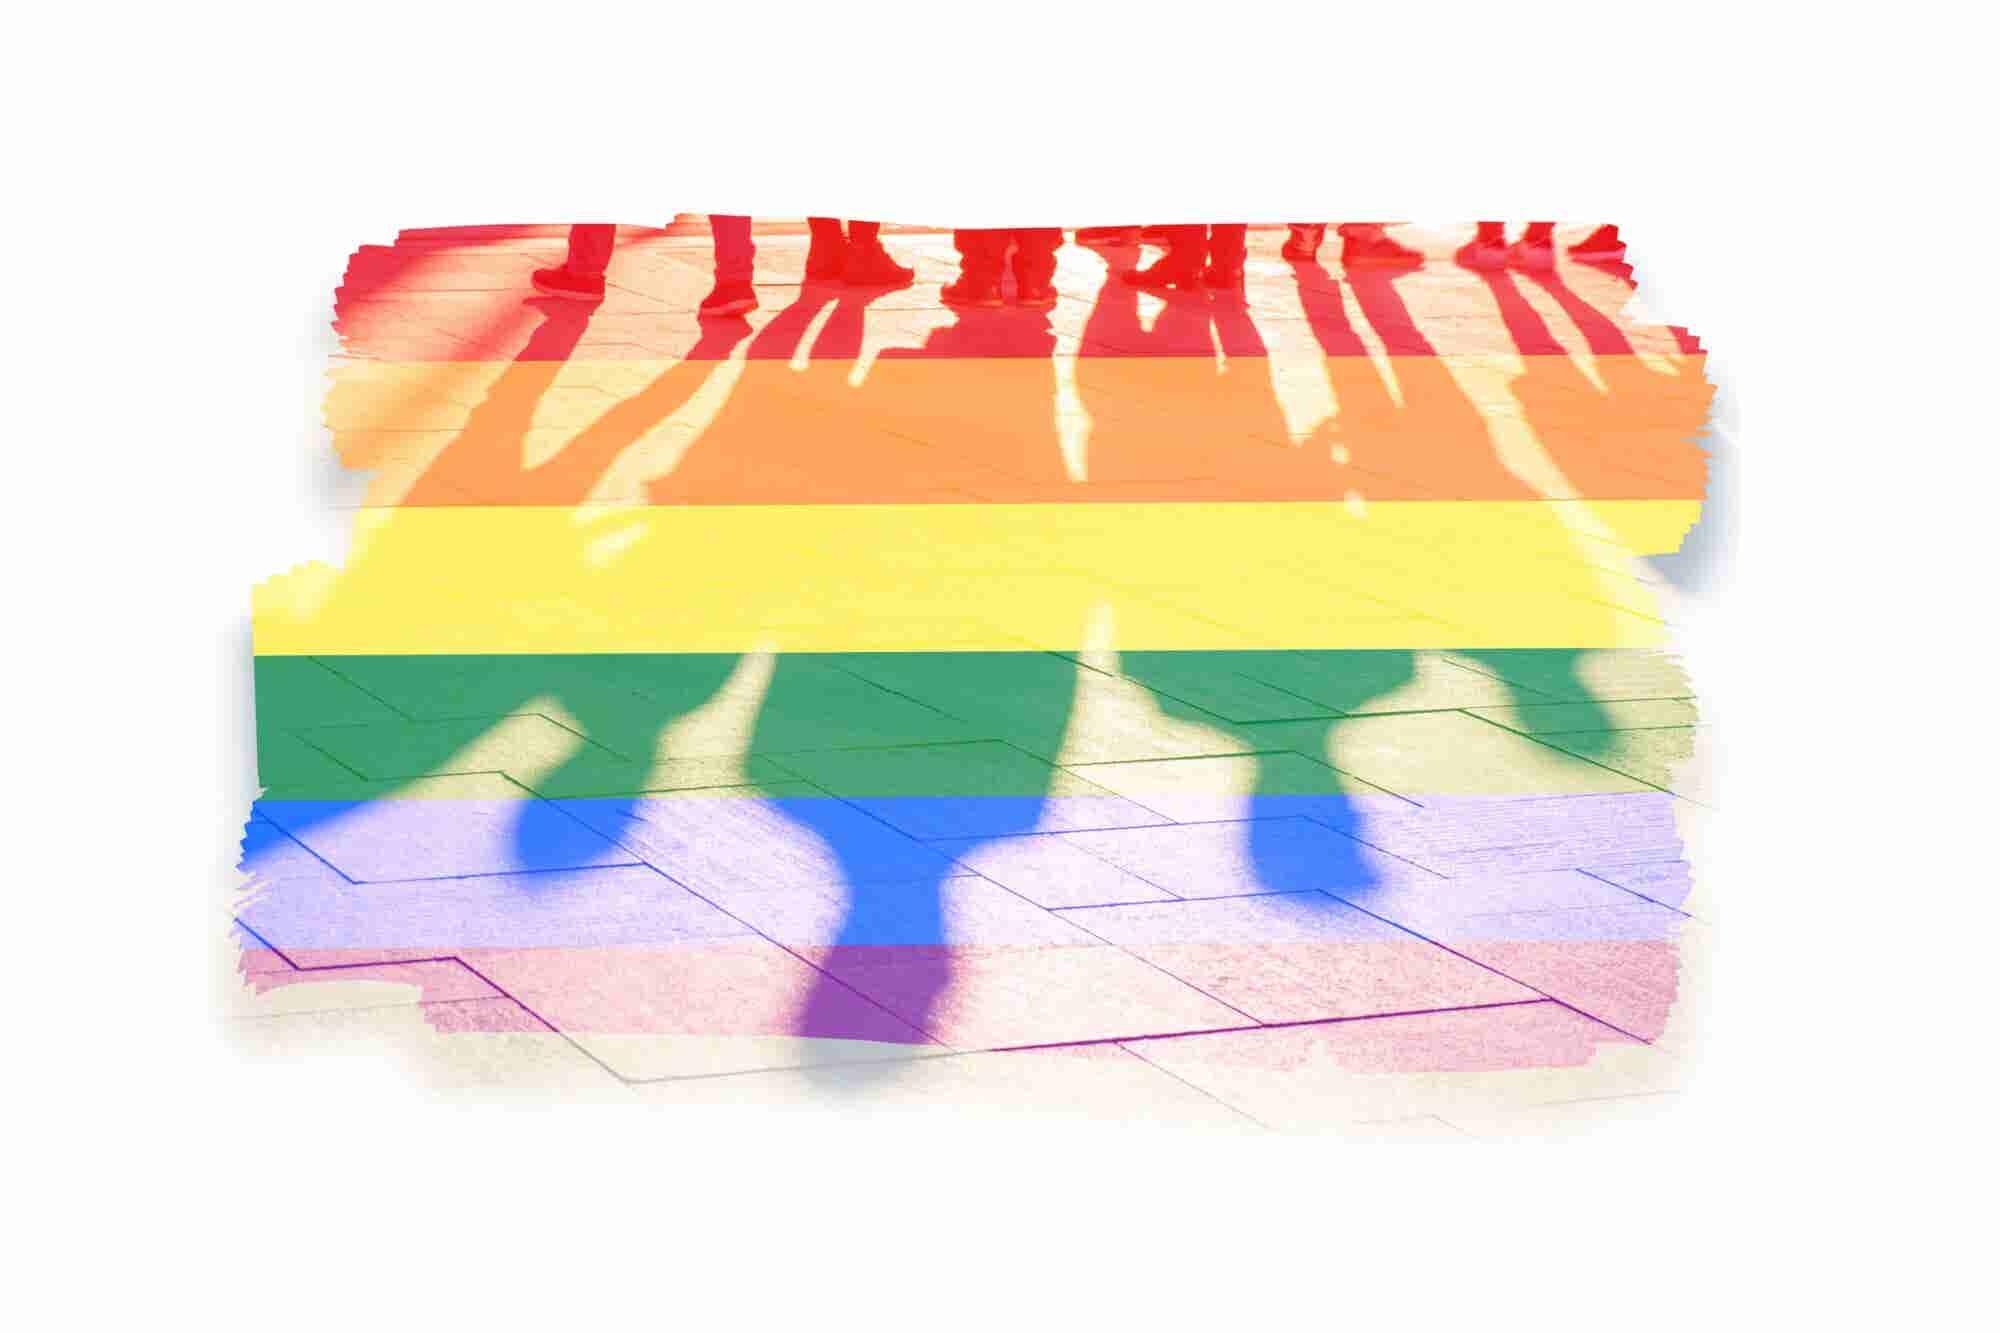 3 Steps to Building Diverse, LGBTQ-Inclusive Leadership Teams